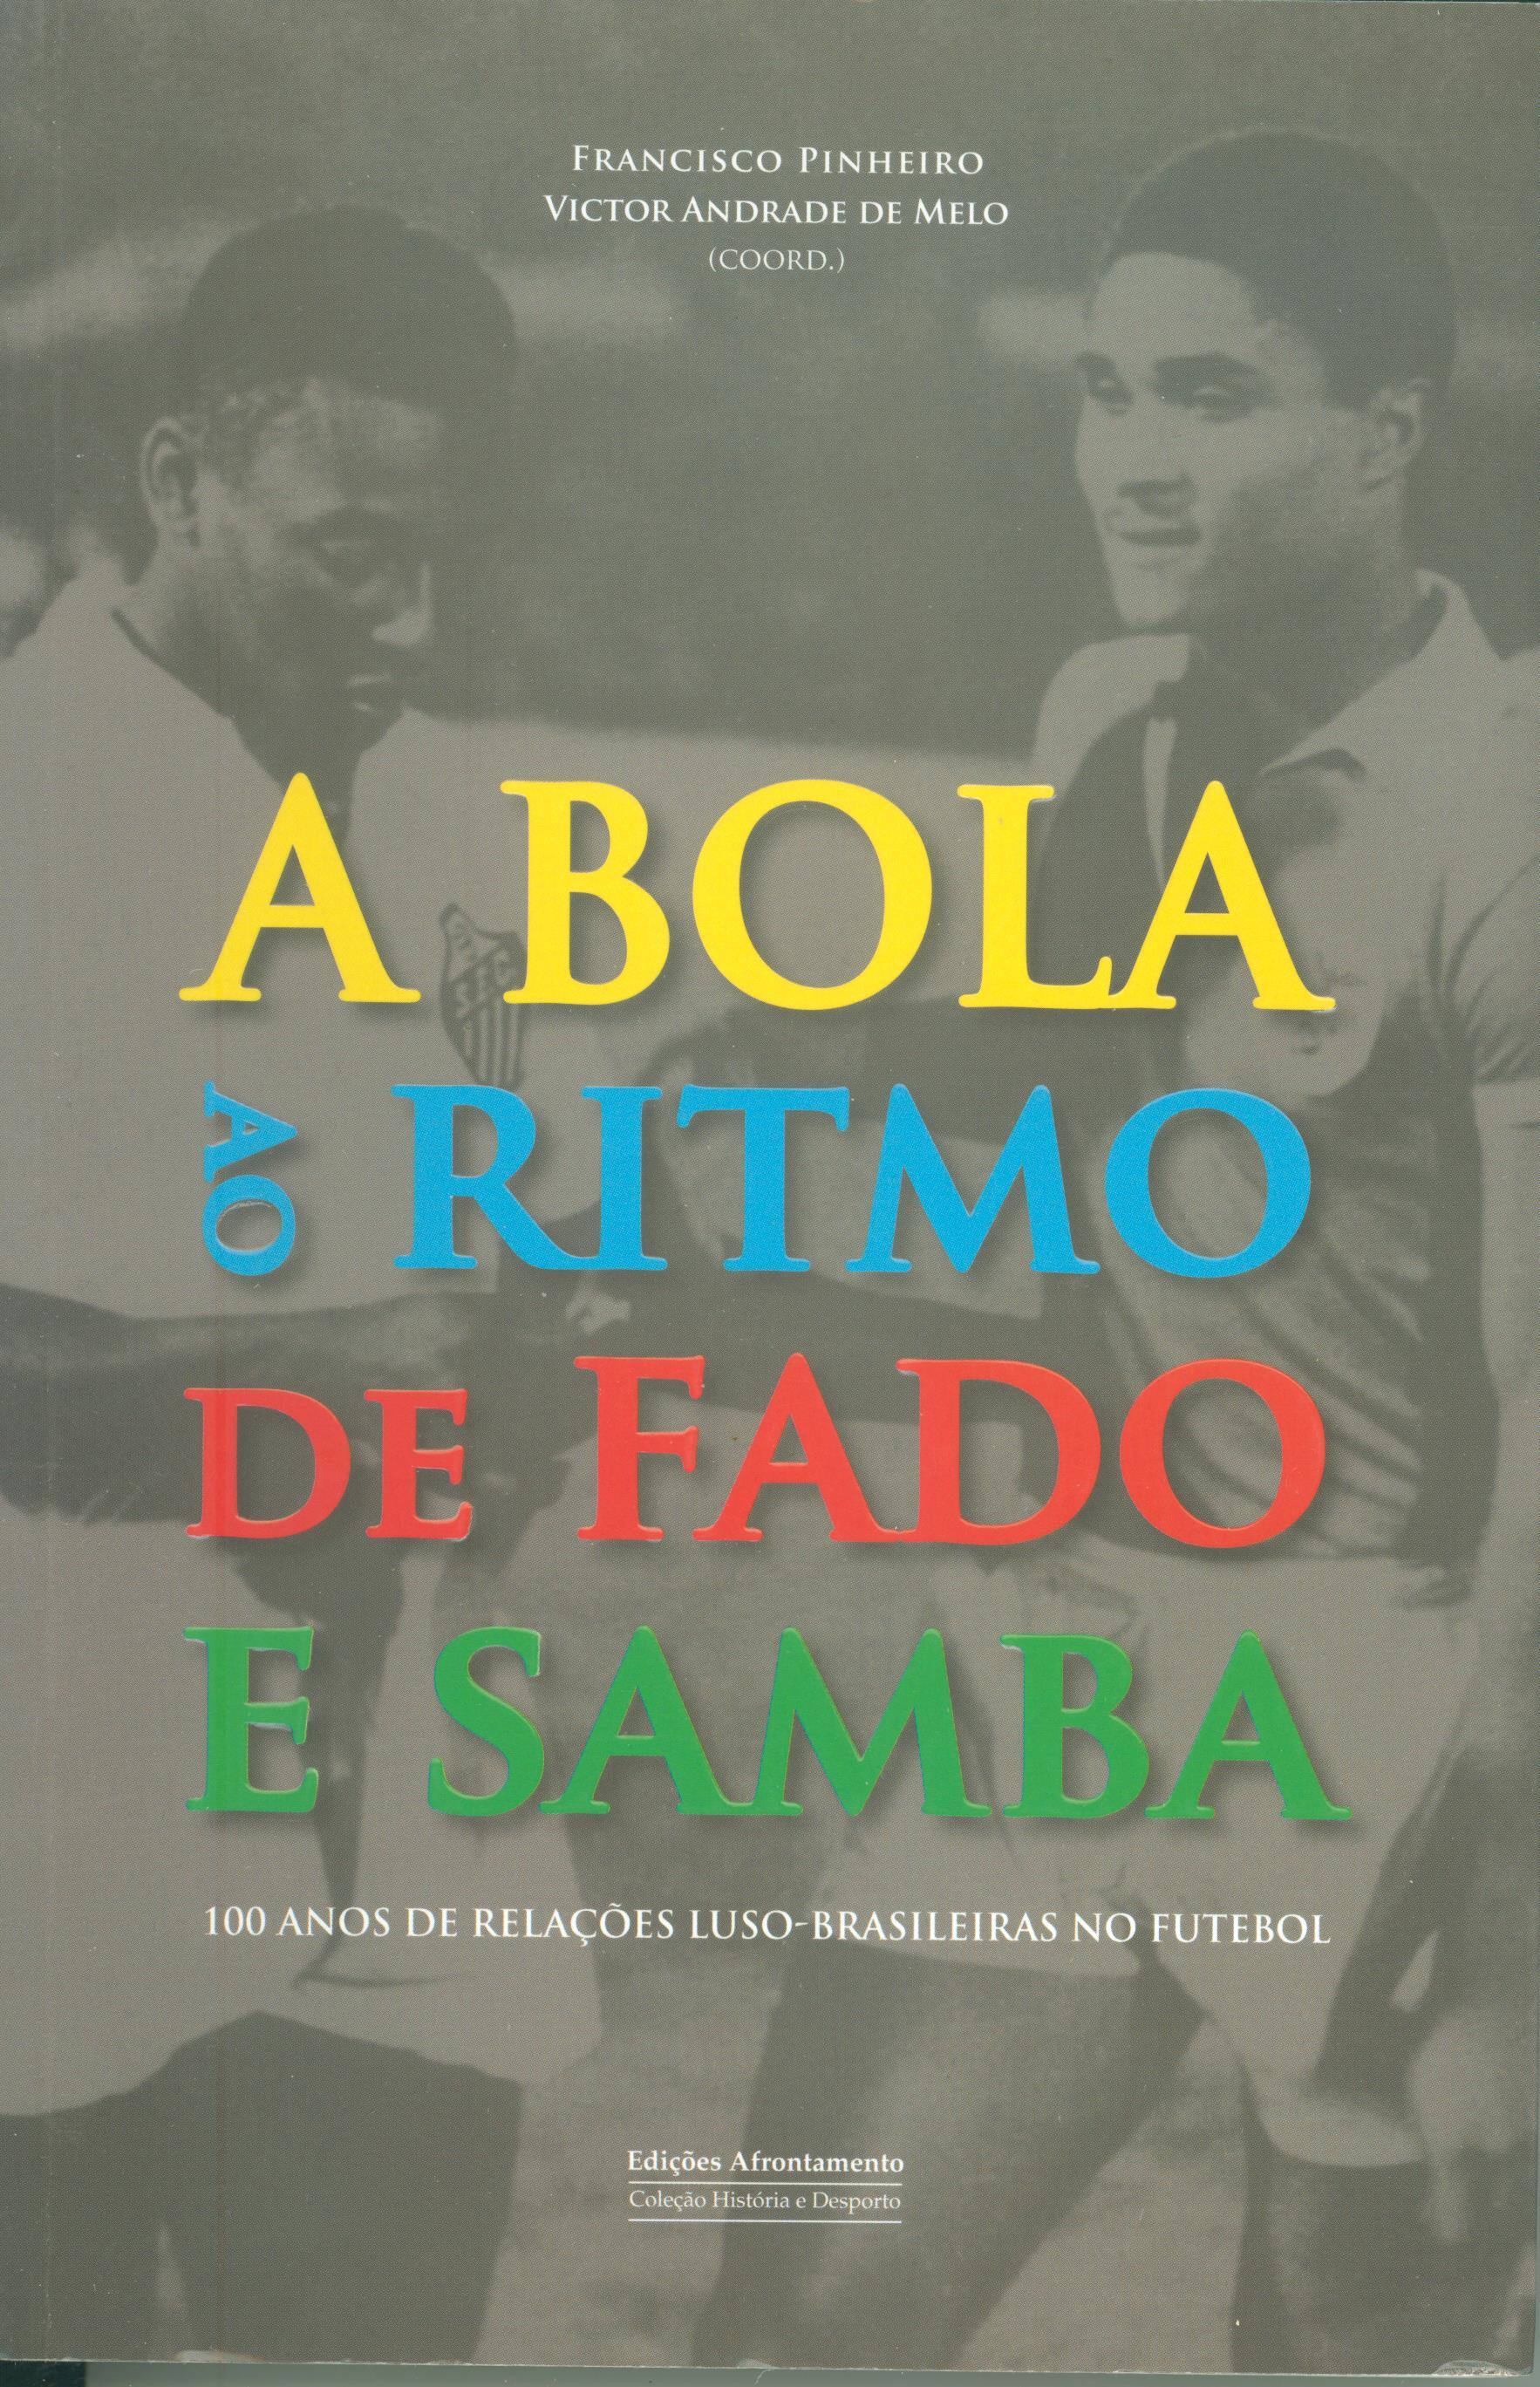 A bola ao ritmo de fado e samba